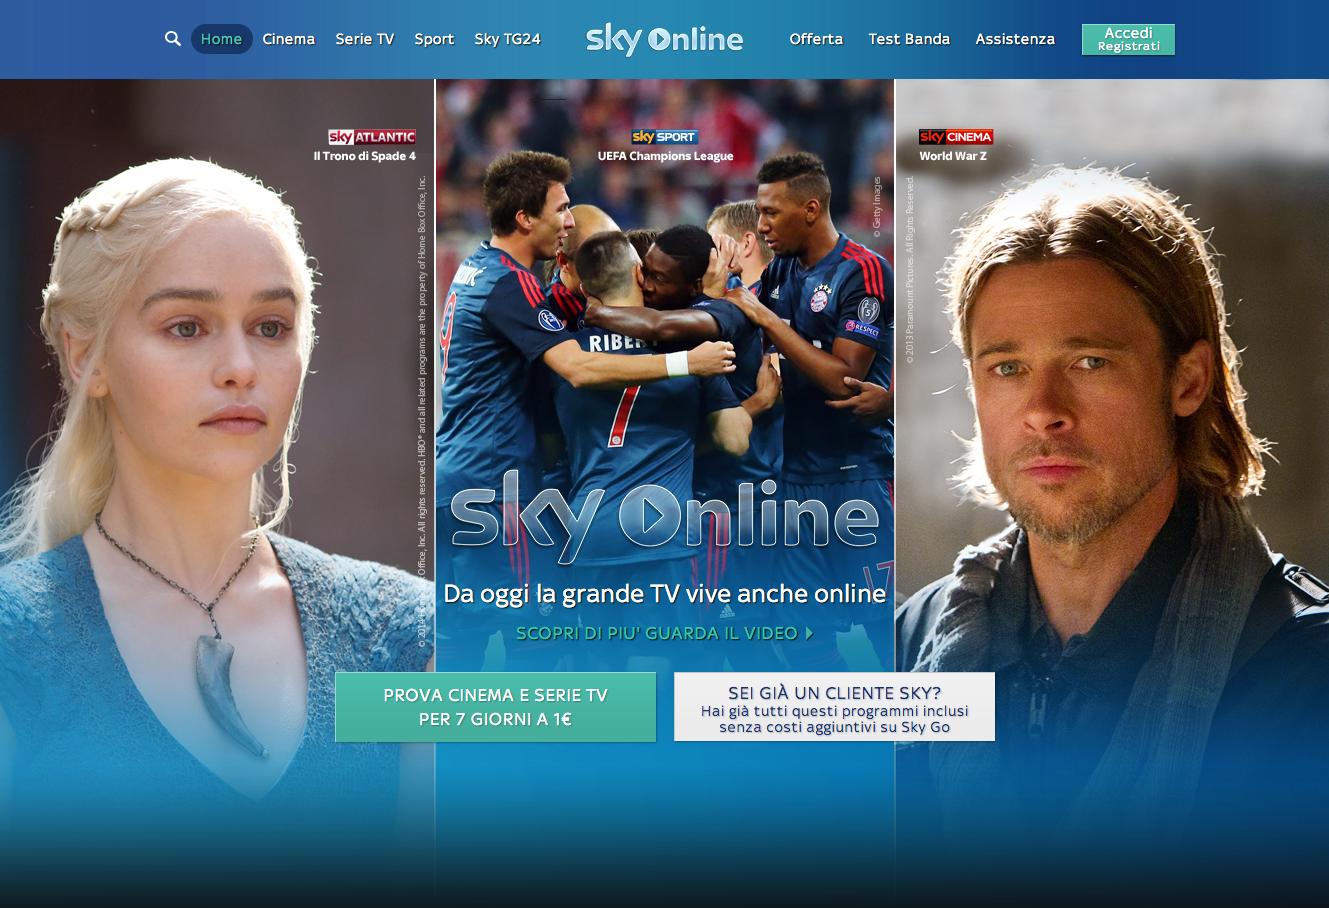 Sky Online ora disponibile, ma solo per dispositivi Samsung